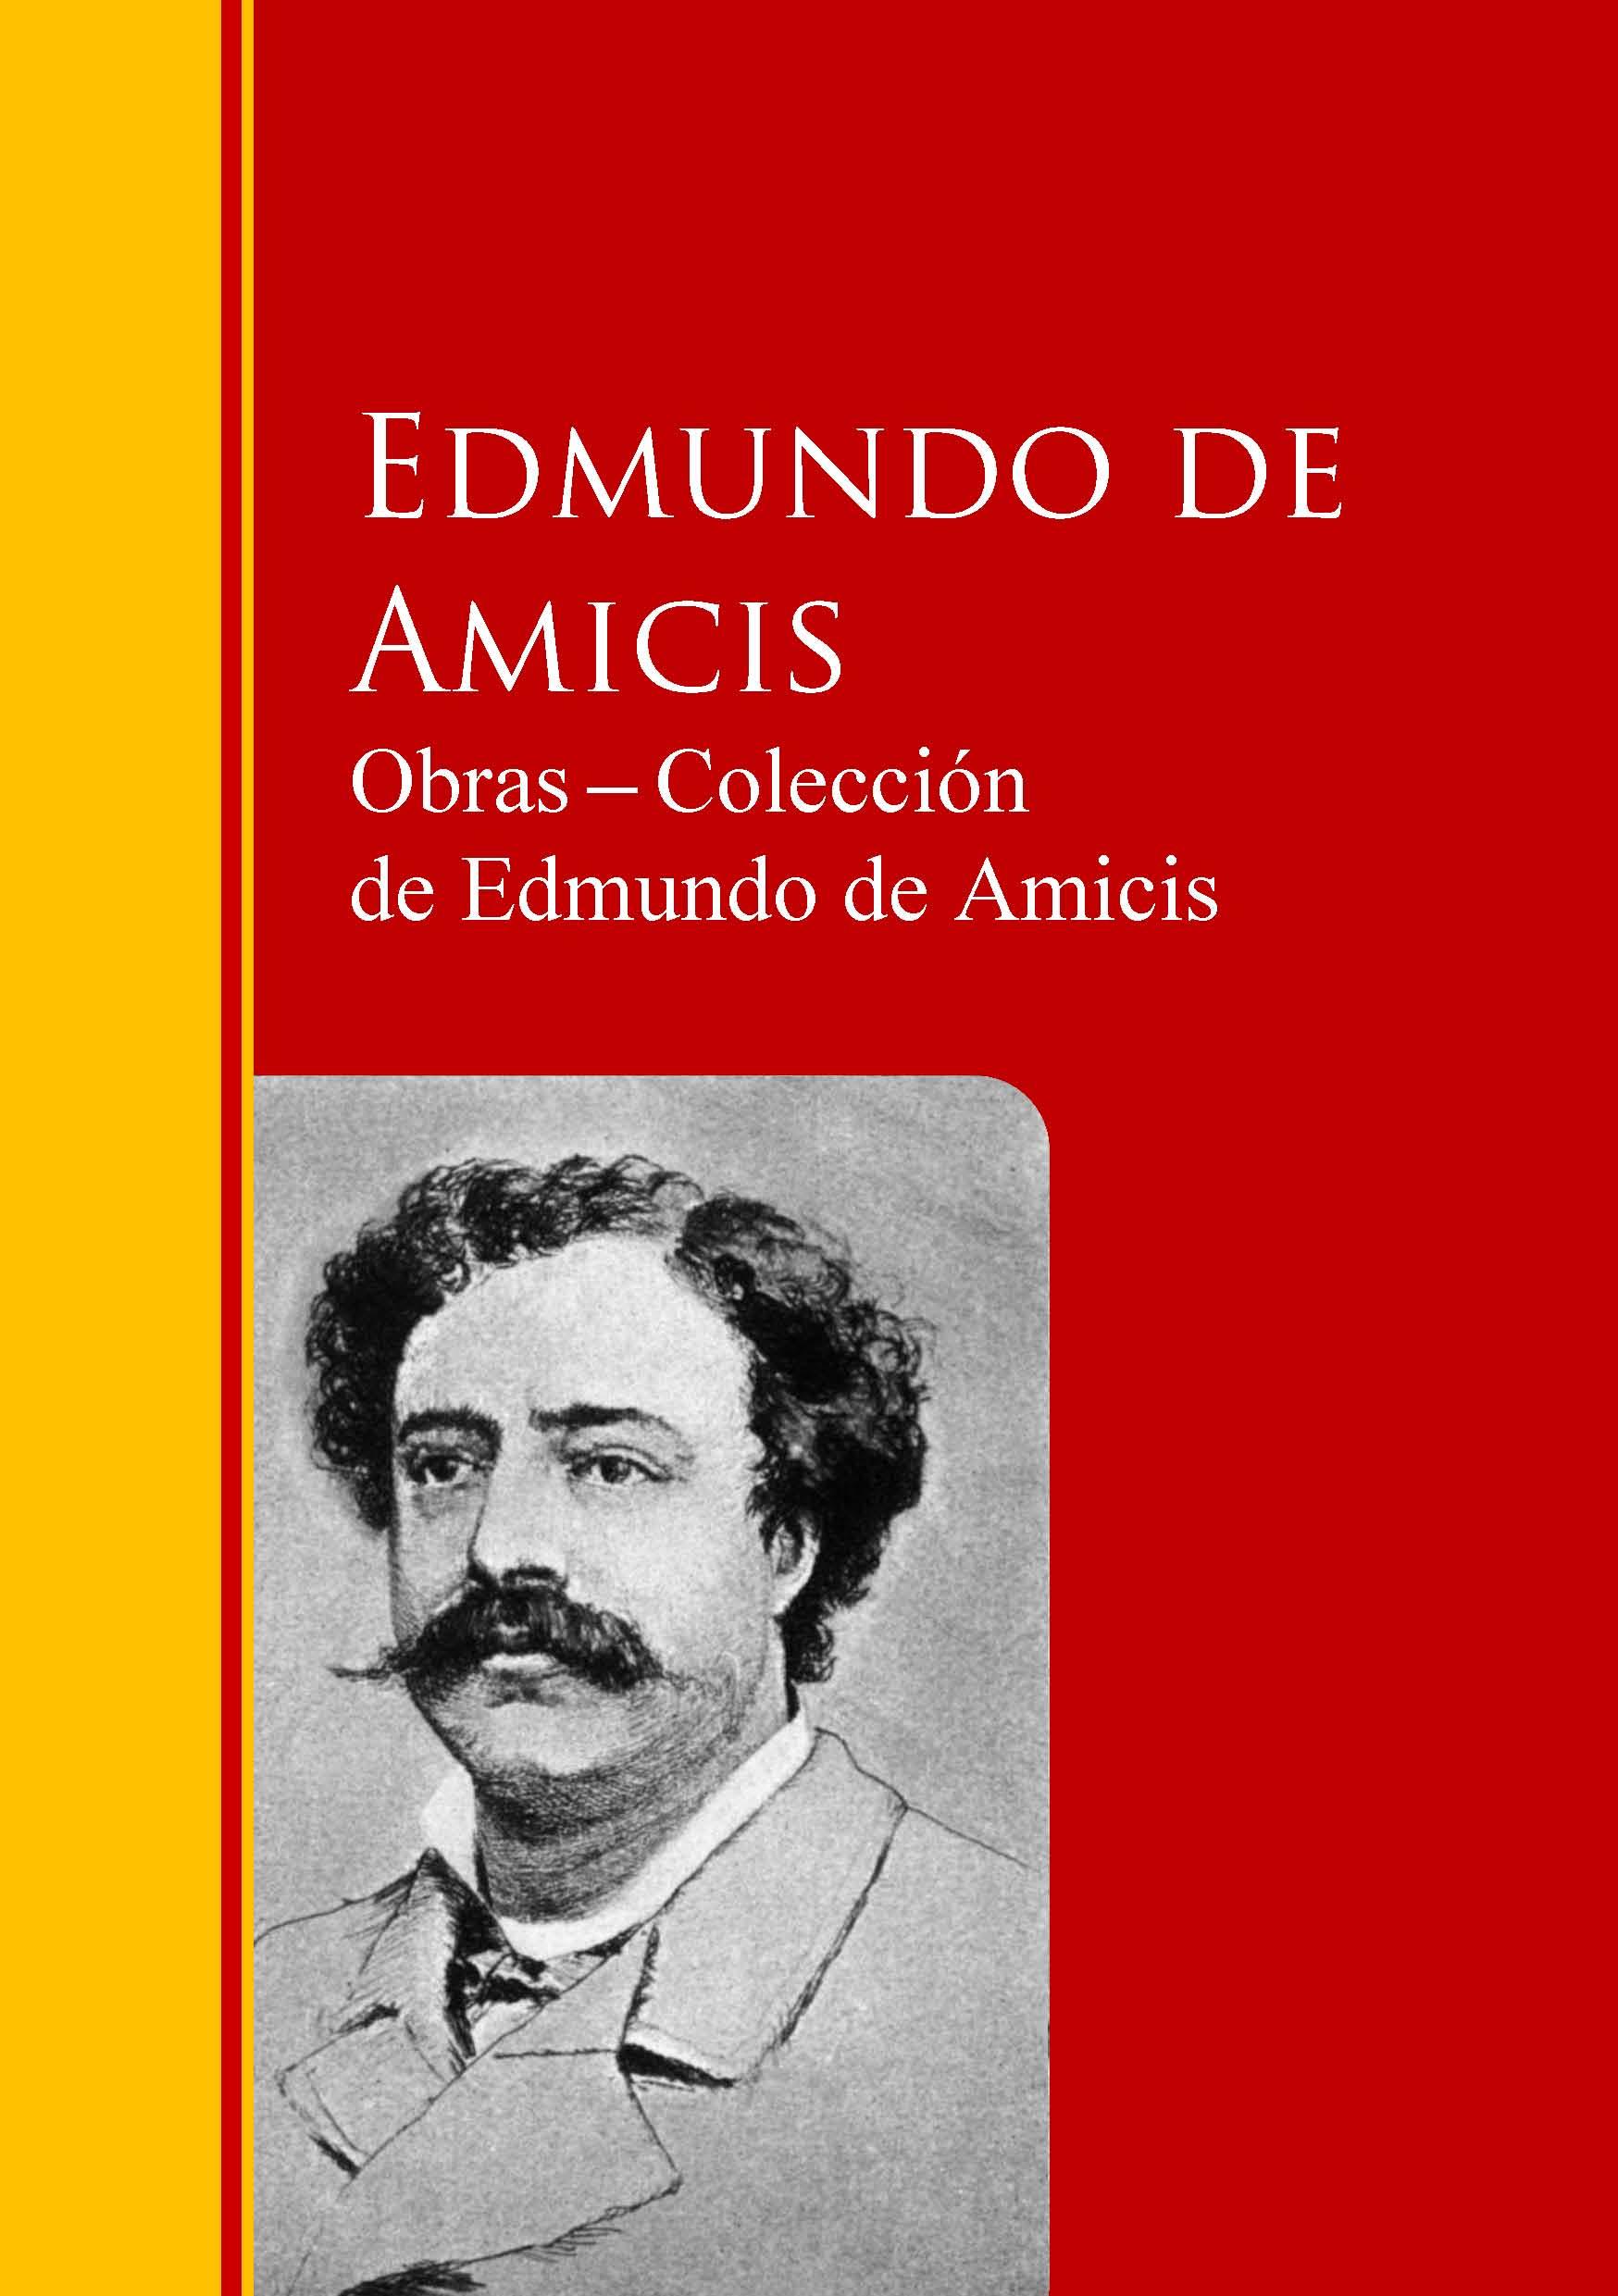 Obras ─ Colección  de Edmundo de Amicis ( Edmundo De  Amicis  )